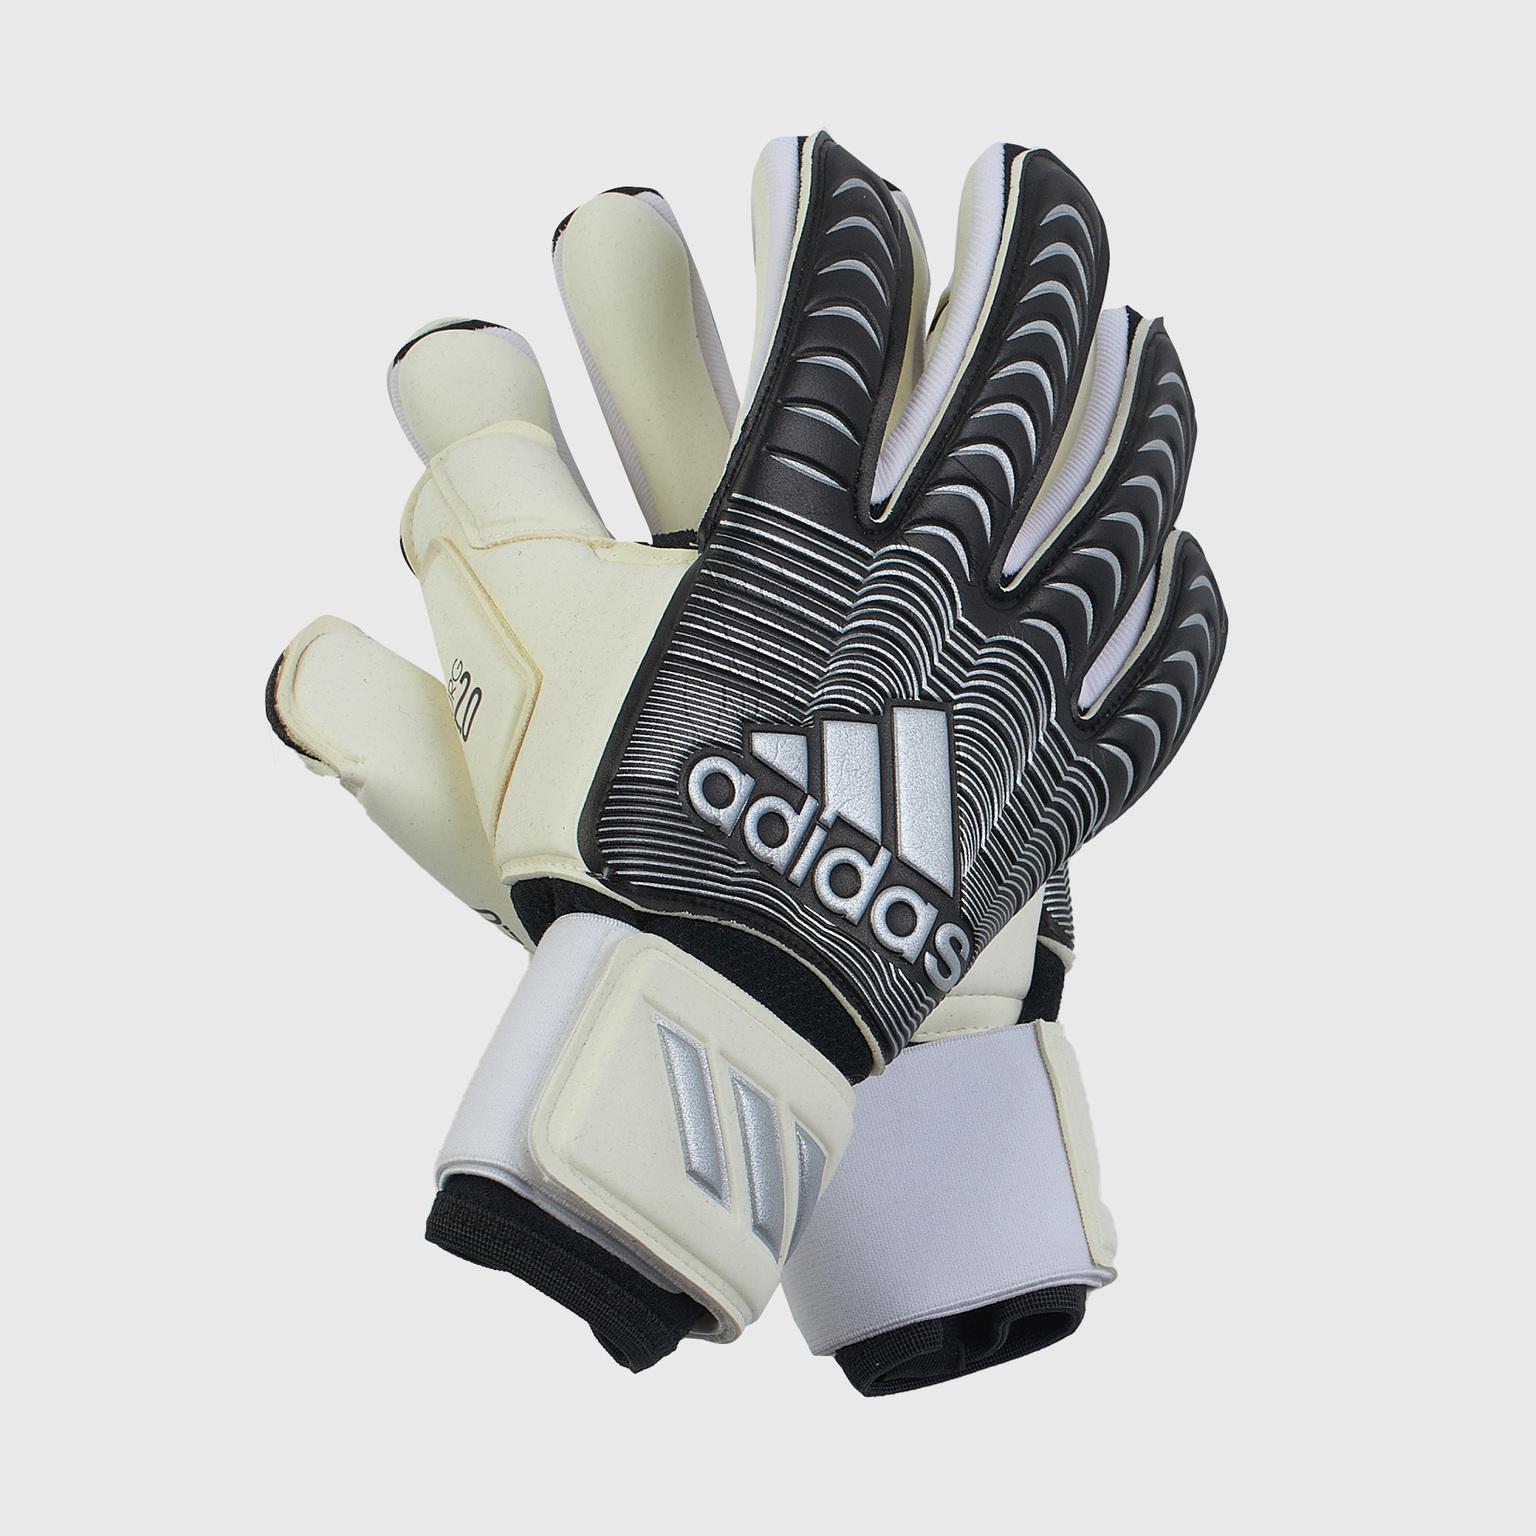 Перчатки вратарские Adidas Classic Pro FH7301 перчатки вратарские alphakeepers pro roll extreme p5 1465 010